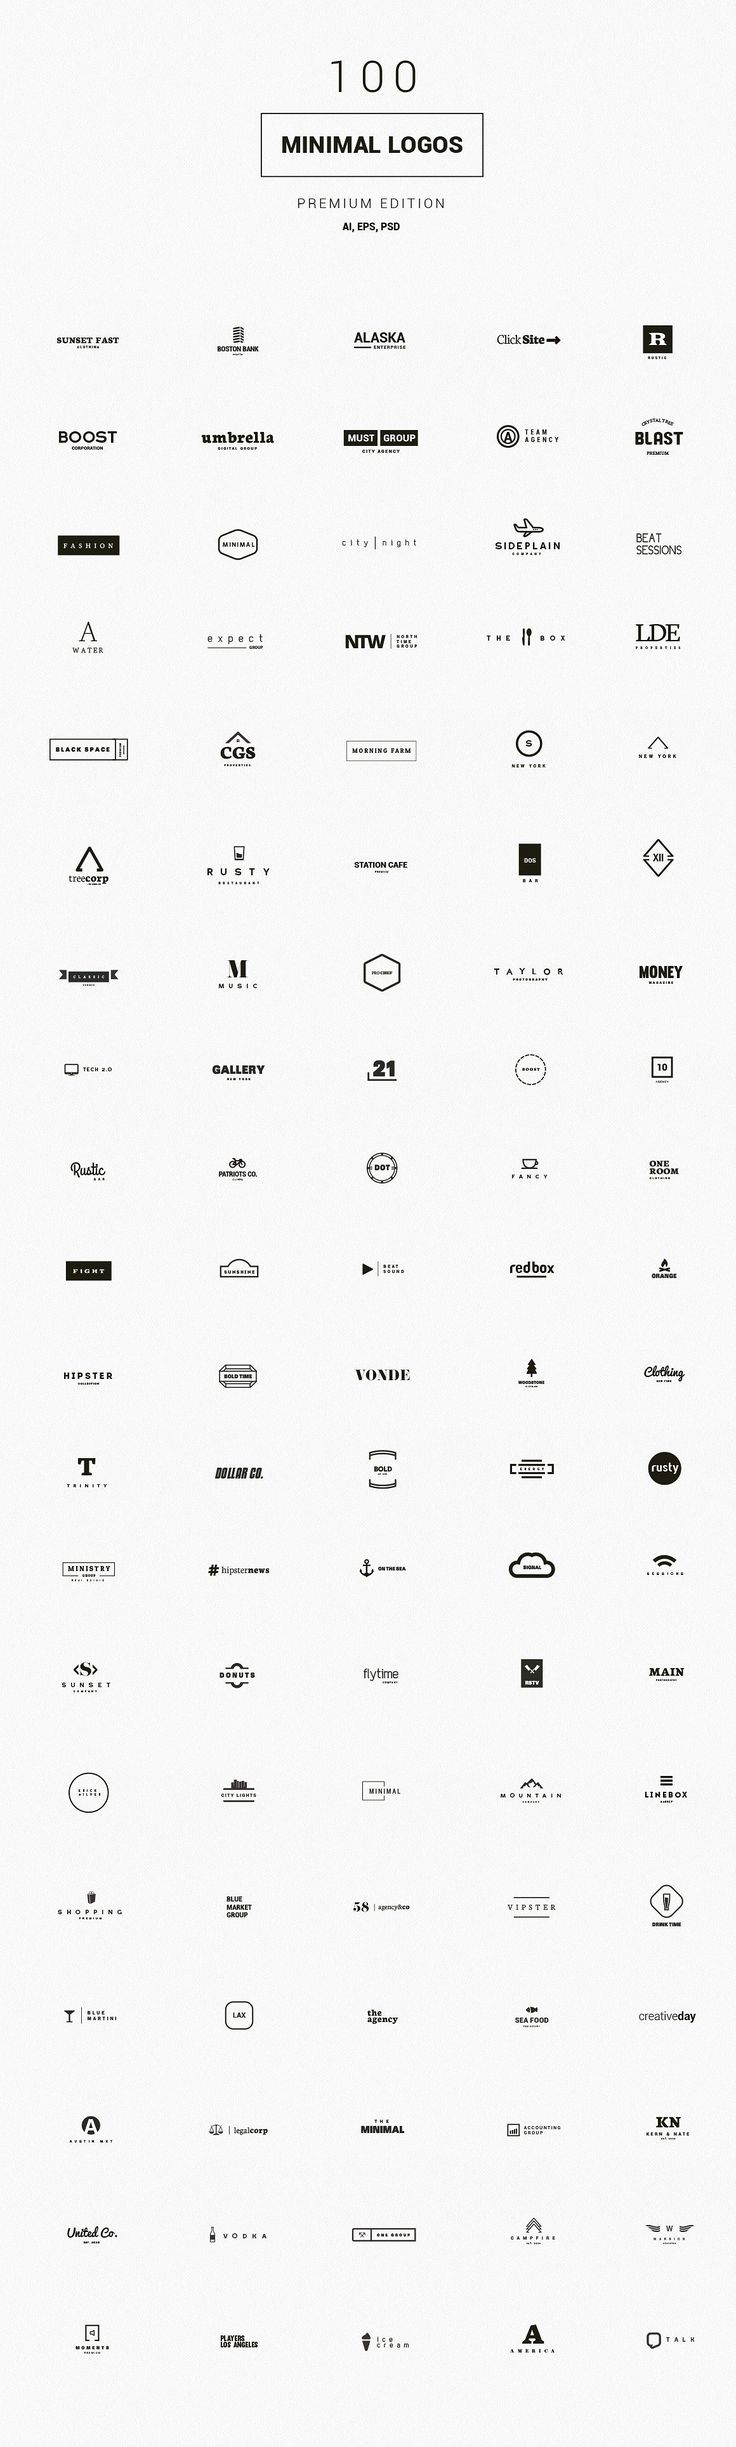 100 Minimal Logos - Premium Kit by design_district on @creativemarket